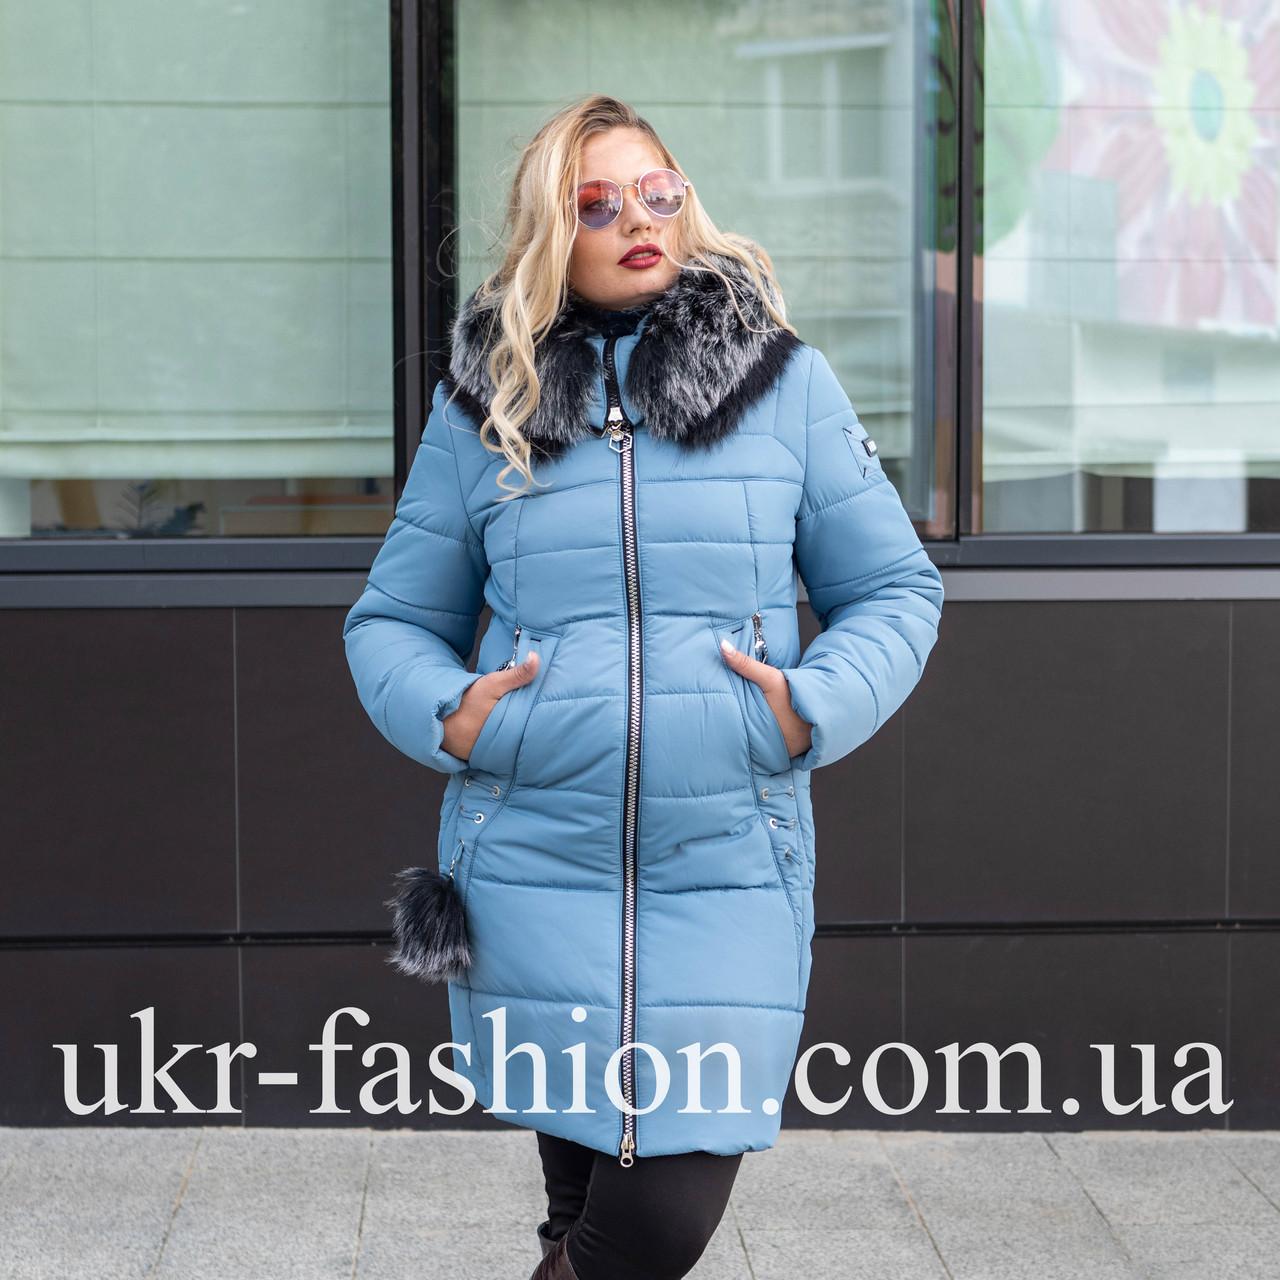 Пуховик жіночий зима великих розмірів 54,56,60 блакитний